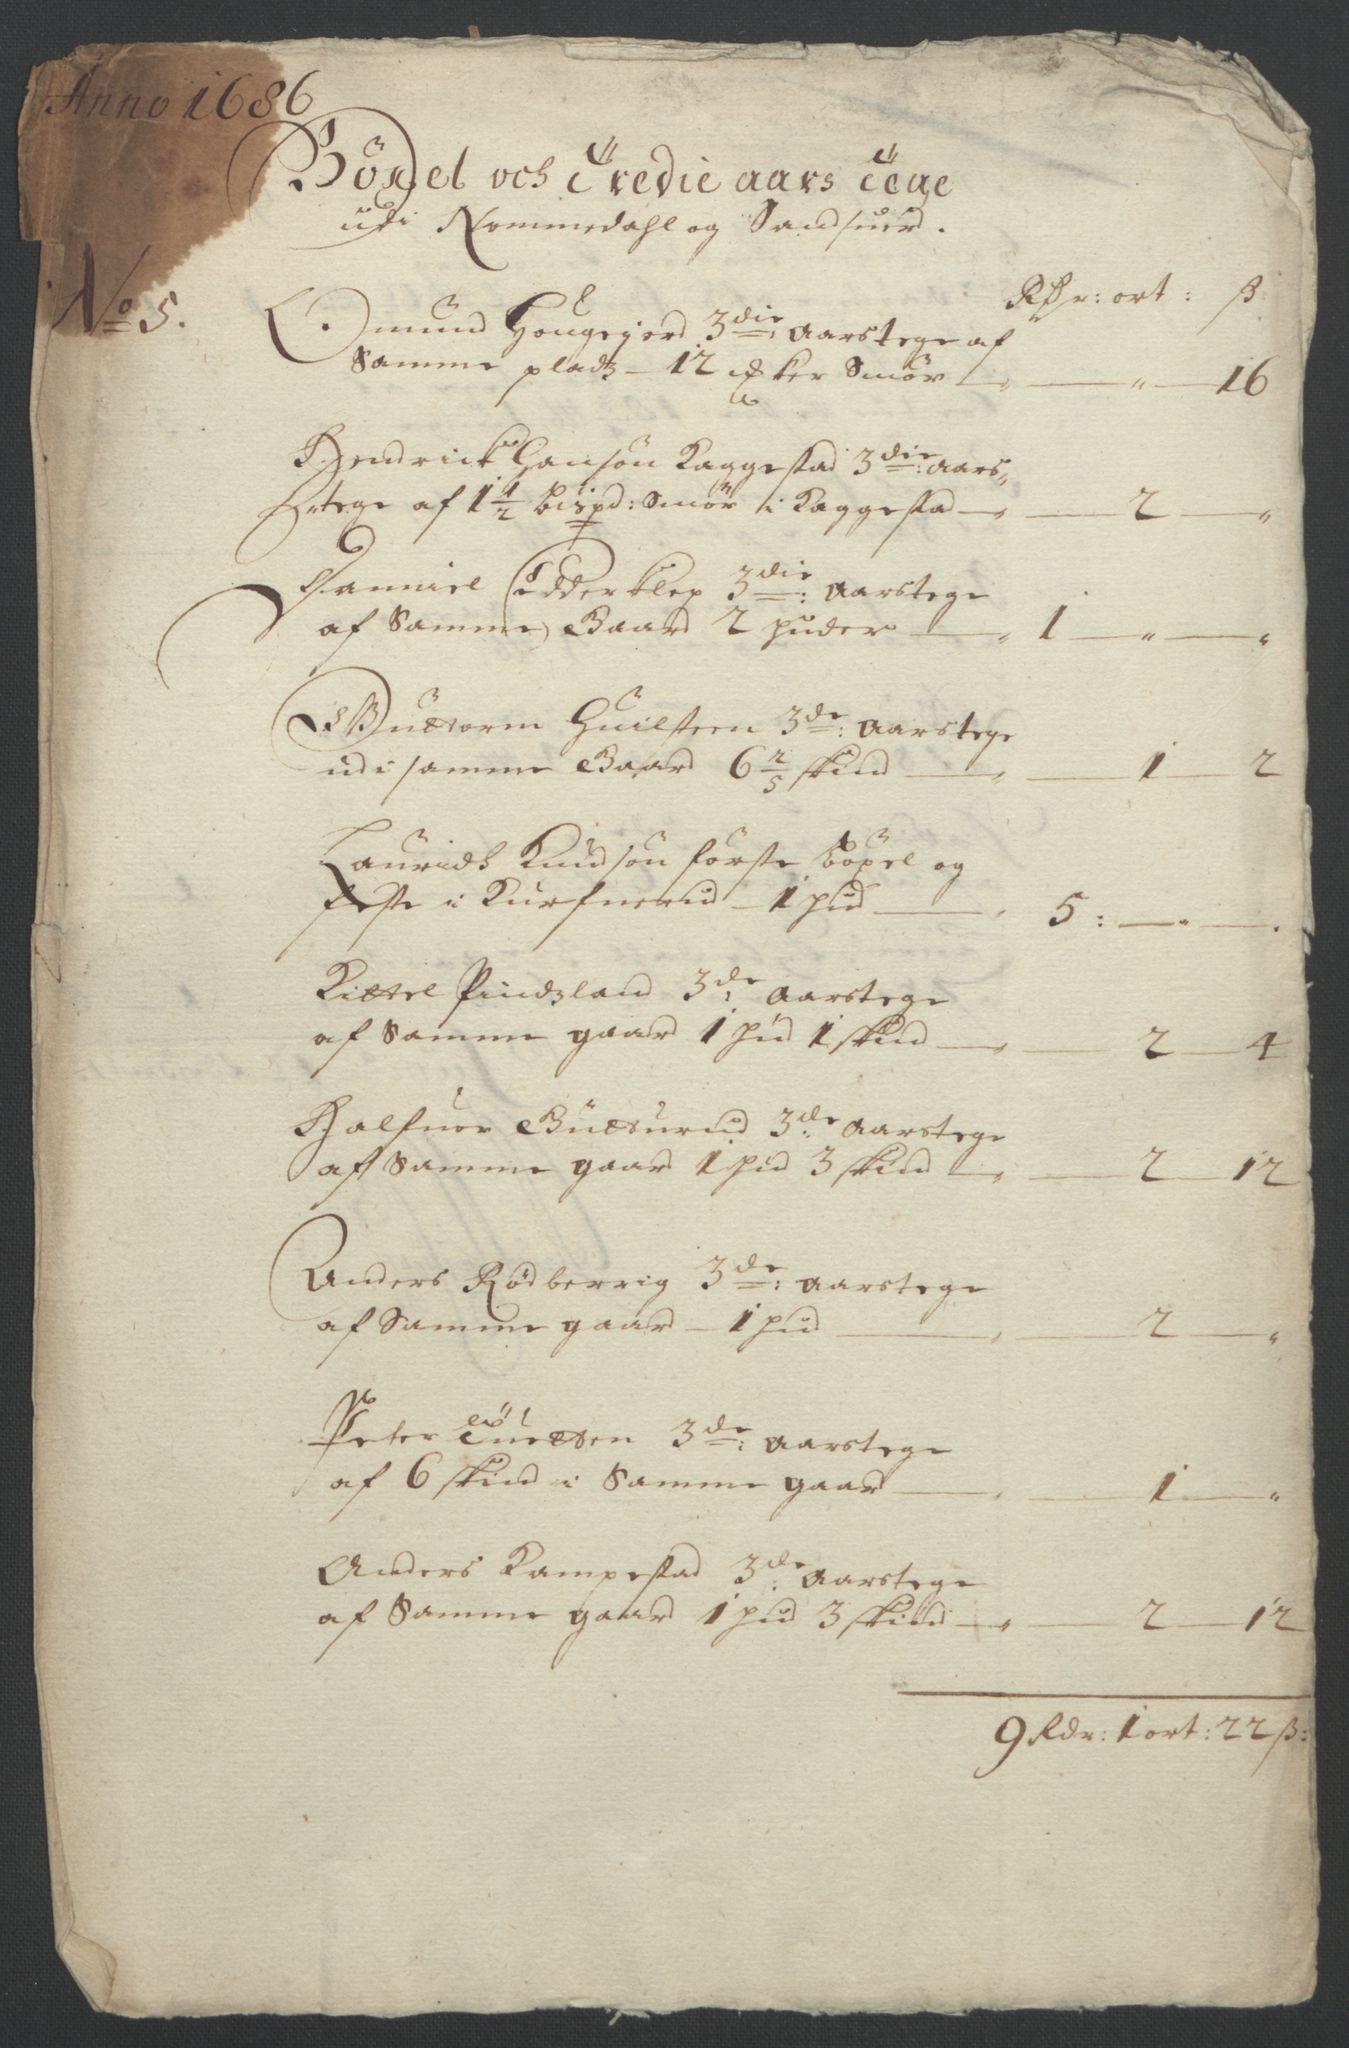 RA, Rentekammeret inntil 1814, Reviderte regnskaper, Fogderegnskap, R24/L1572: Fogderegnskap Numedal og Sandsvær, 1679-1686, s. 20